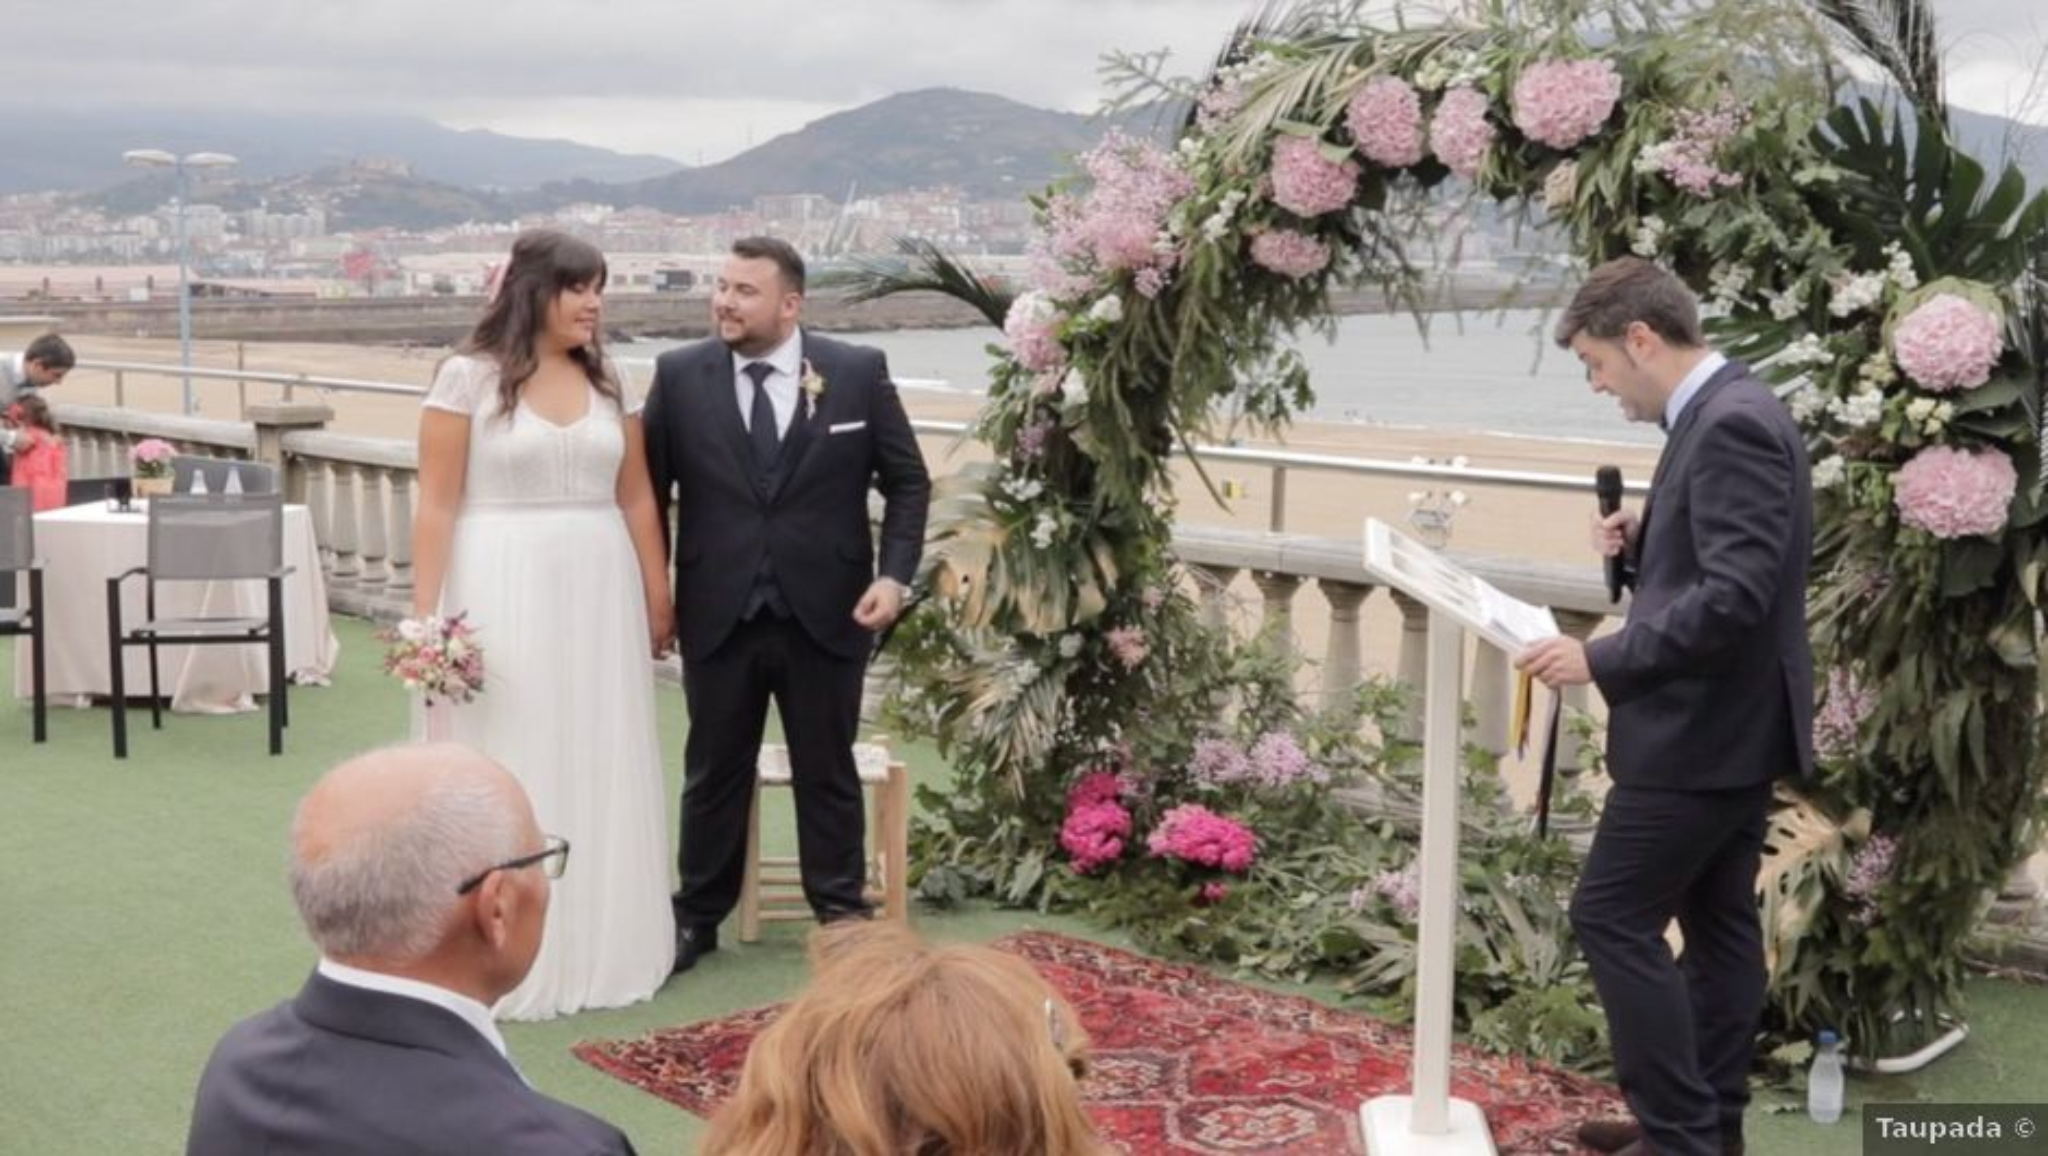 La boda de Quino y Raquel en Getxo, Vizcaya